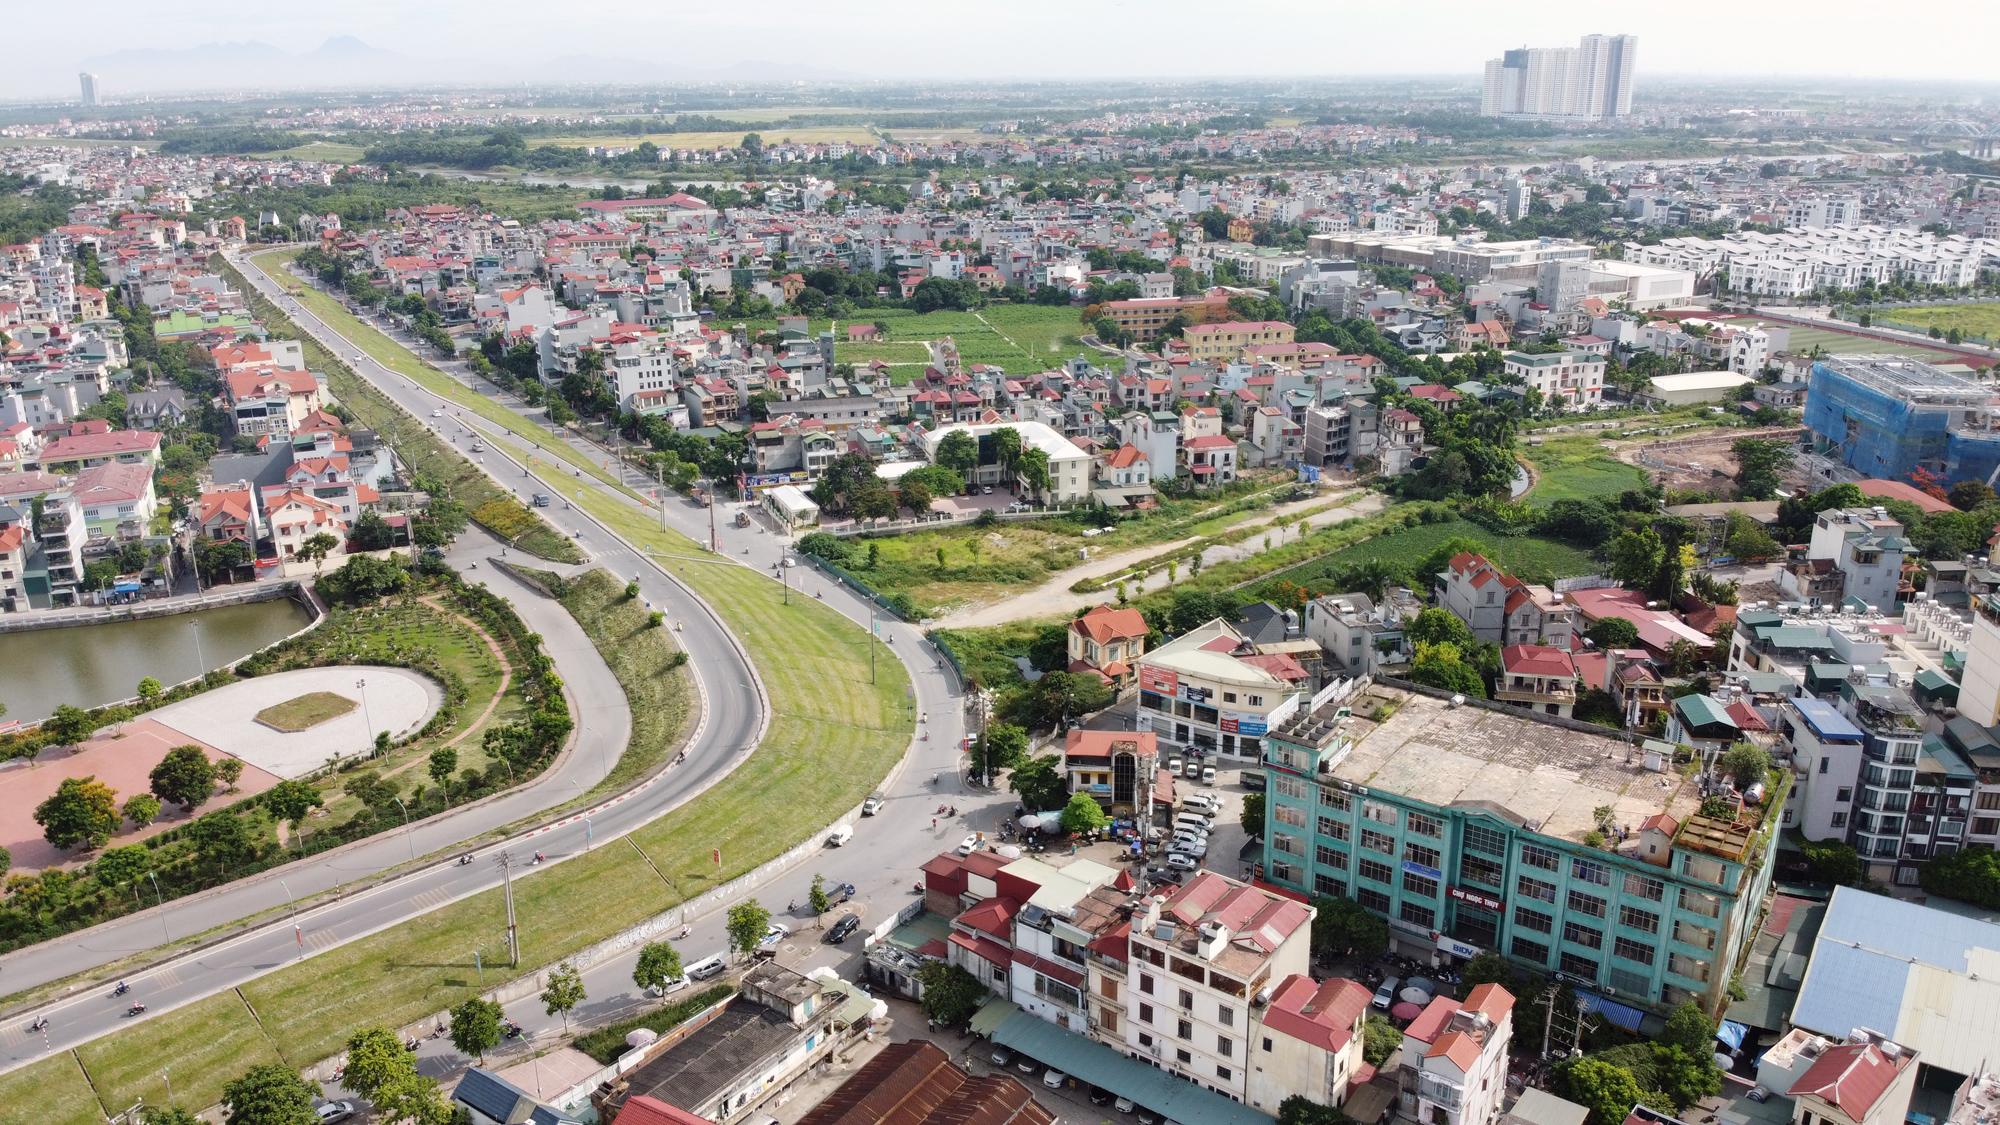 Đường ngàn tỉ nối Ngọc Thụy - Nguyễn Văn Cừ ở quận Long Biên mới làm được vài trăm mét - Ảnh 4.